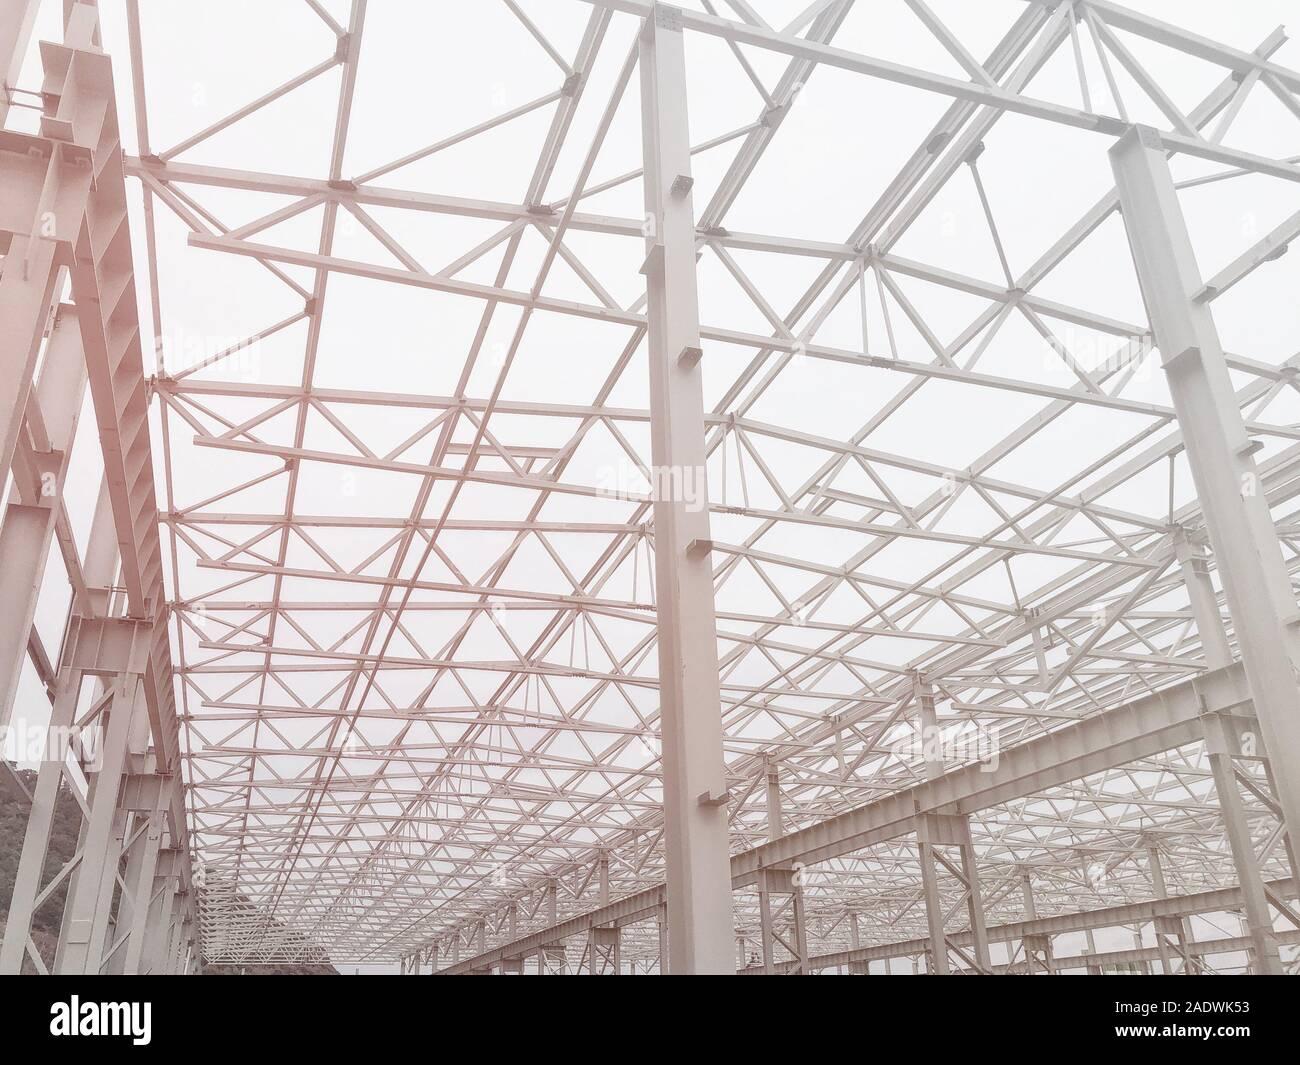 Bastidor metálico de prefabricados de edificio de varios pisos. Pilares metálicos, vigas y diagonales bracings Foto de stock